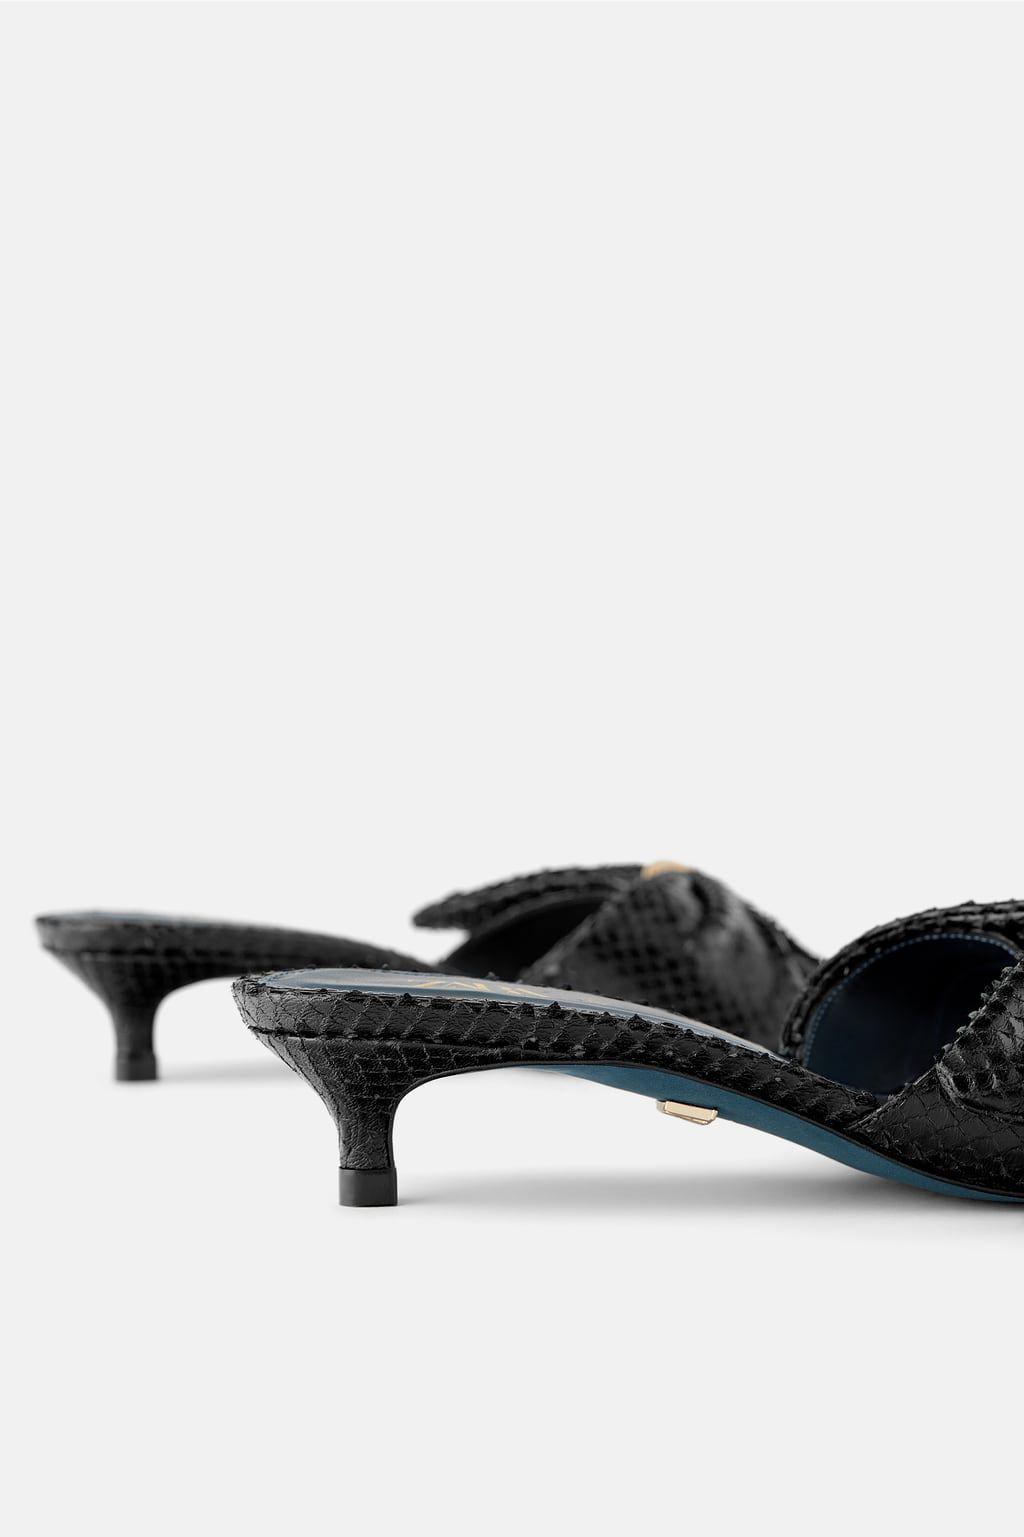 Llevo meses buscando las mules perfectas y hoy Zara saca este modelo súper elegante y de tacón sensato perfecto para jeans cropped y para todos mis vestidos de verano